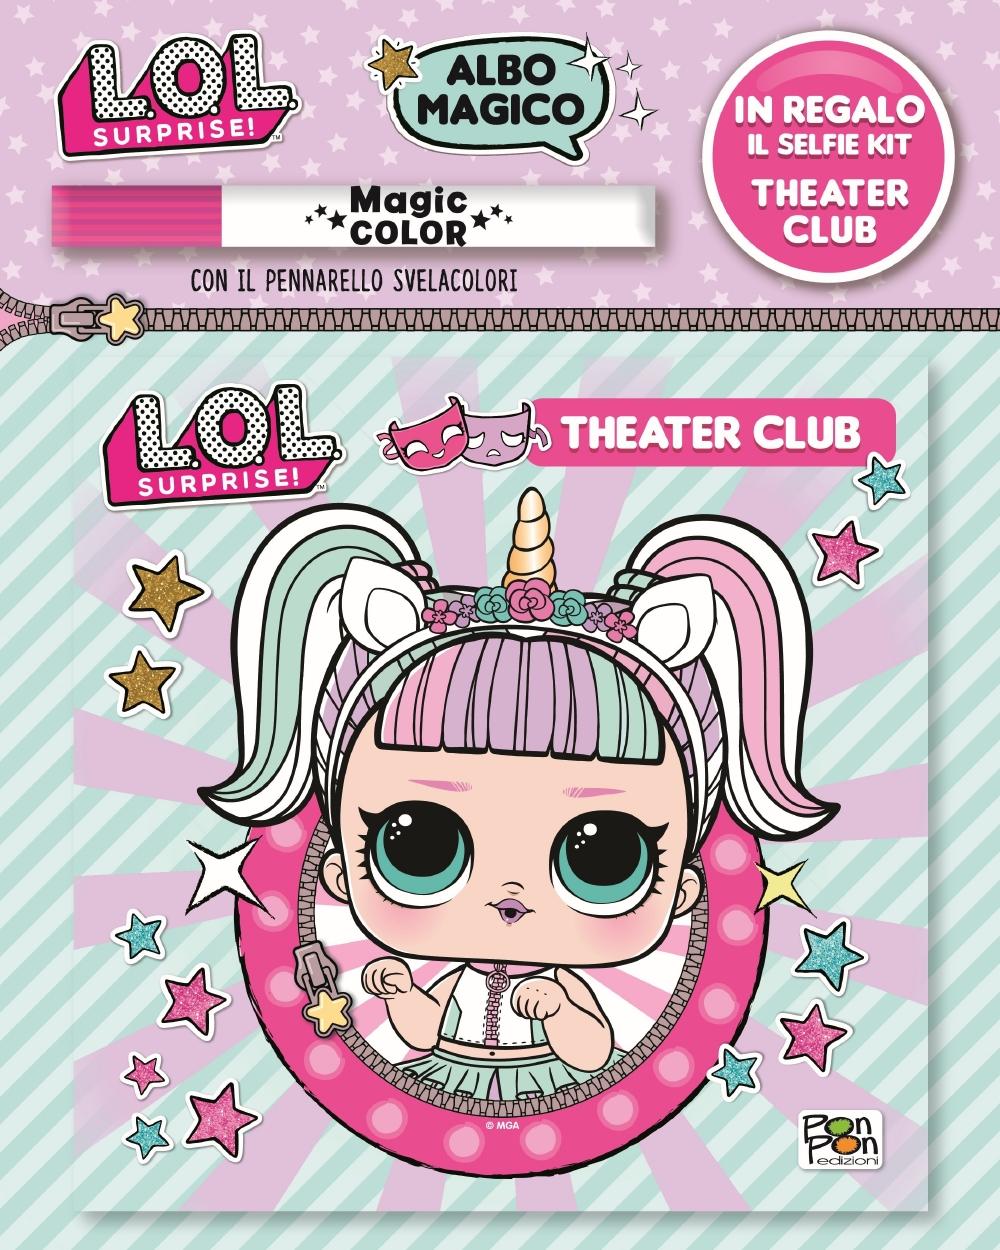 Albo Magico LOL Surprise! - Theater Club